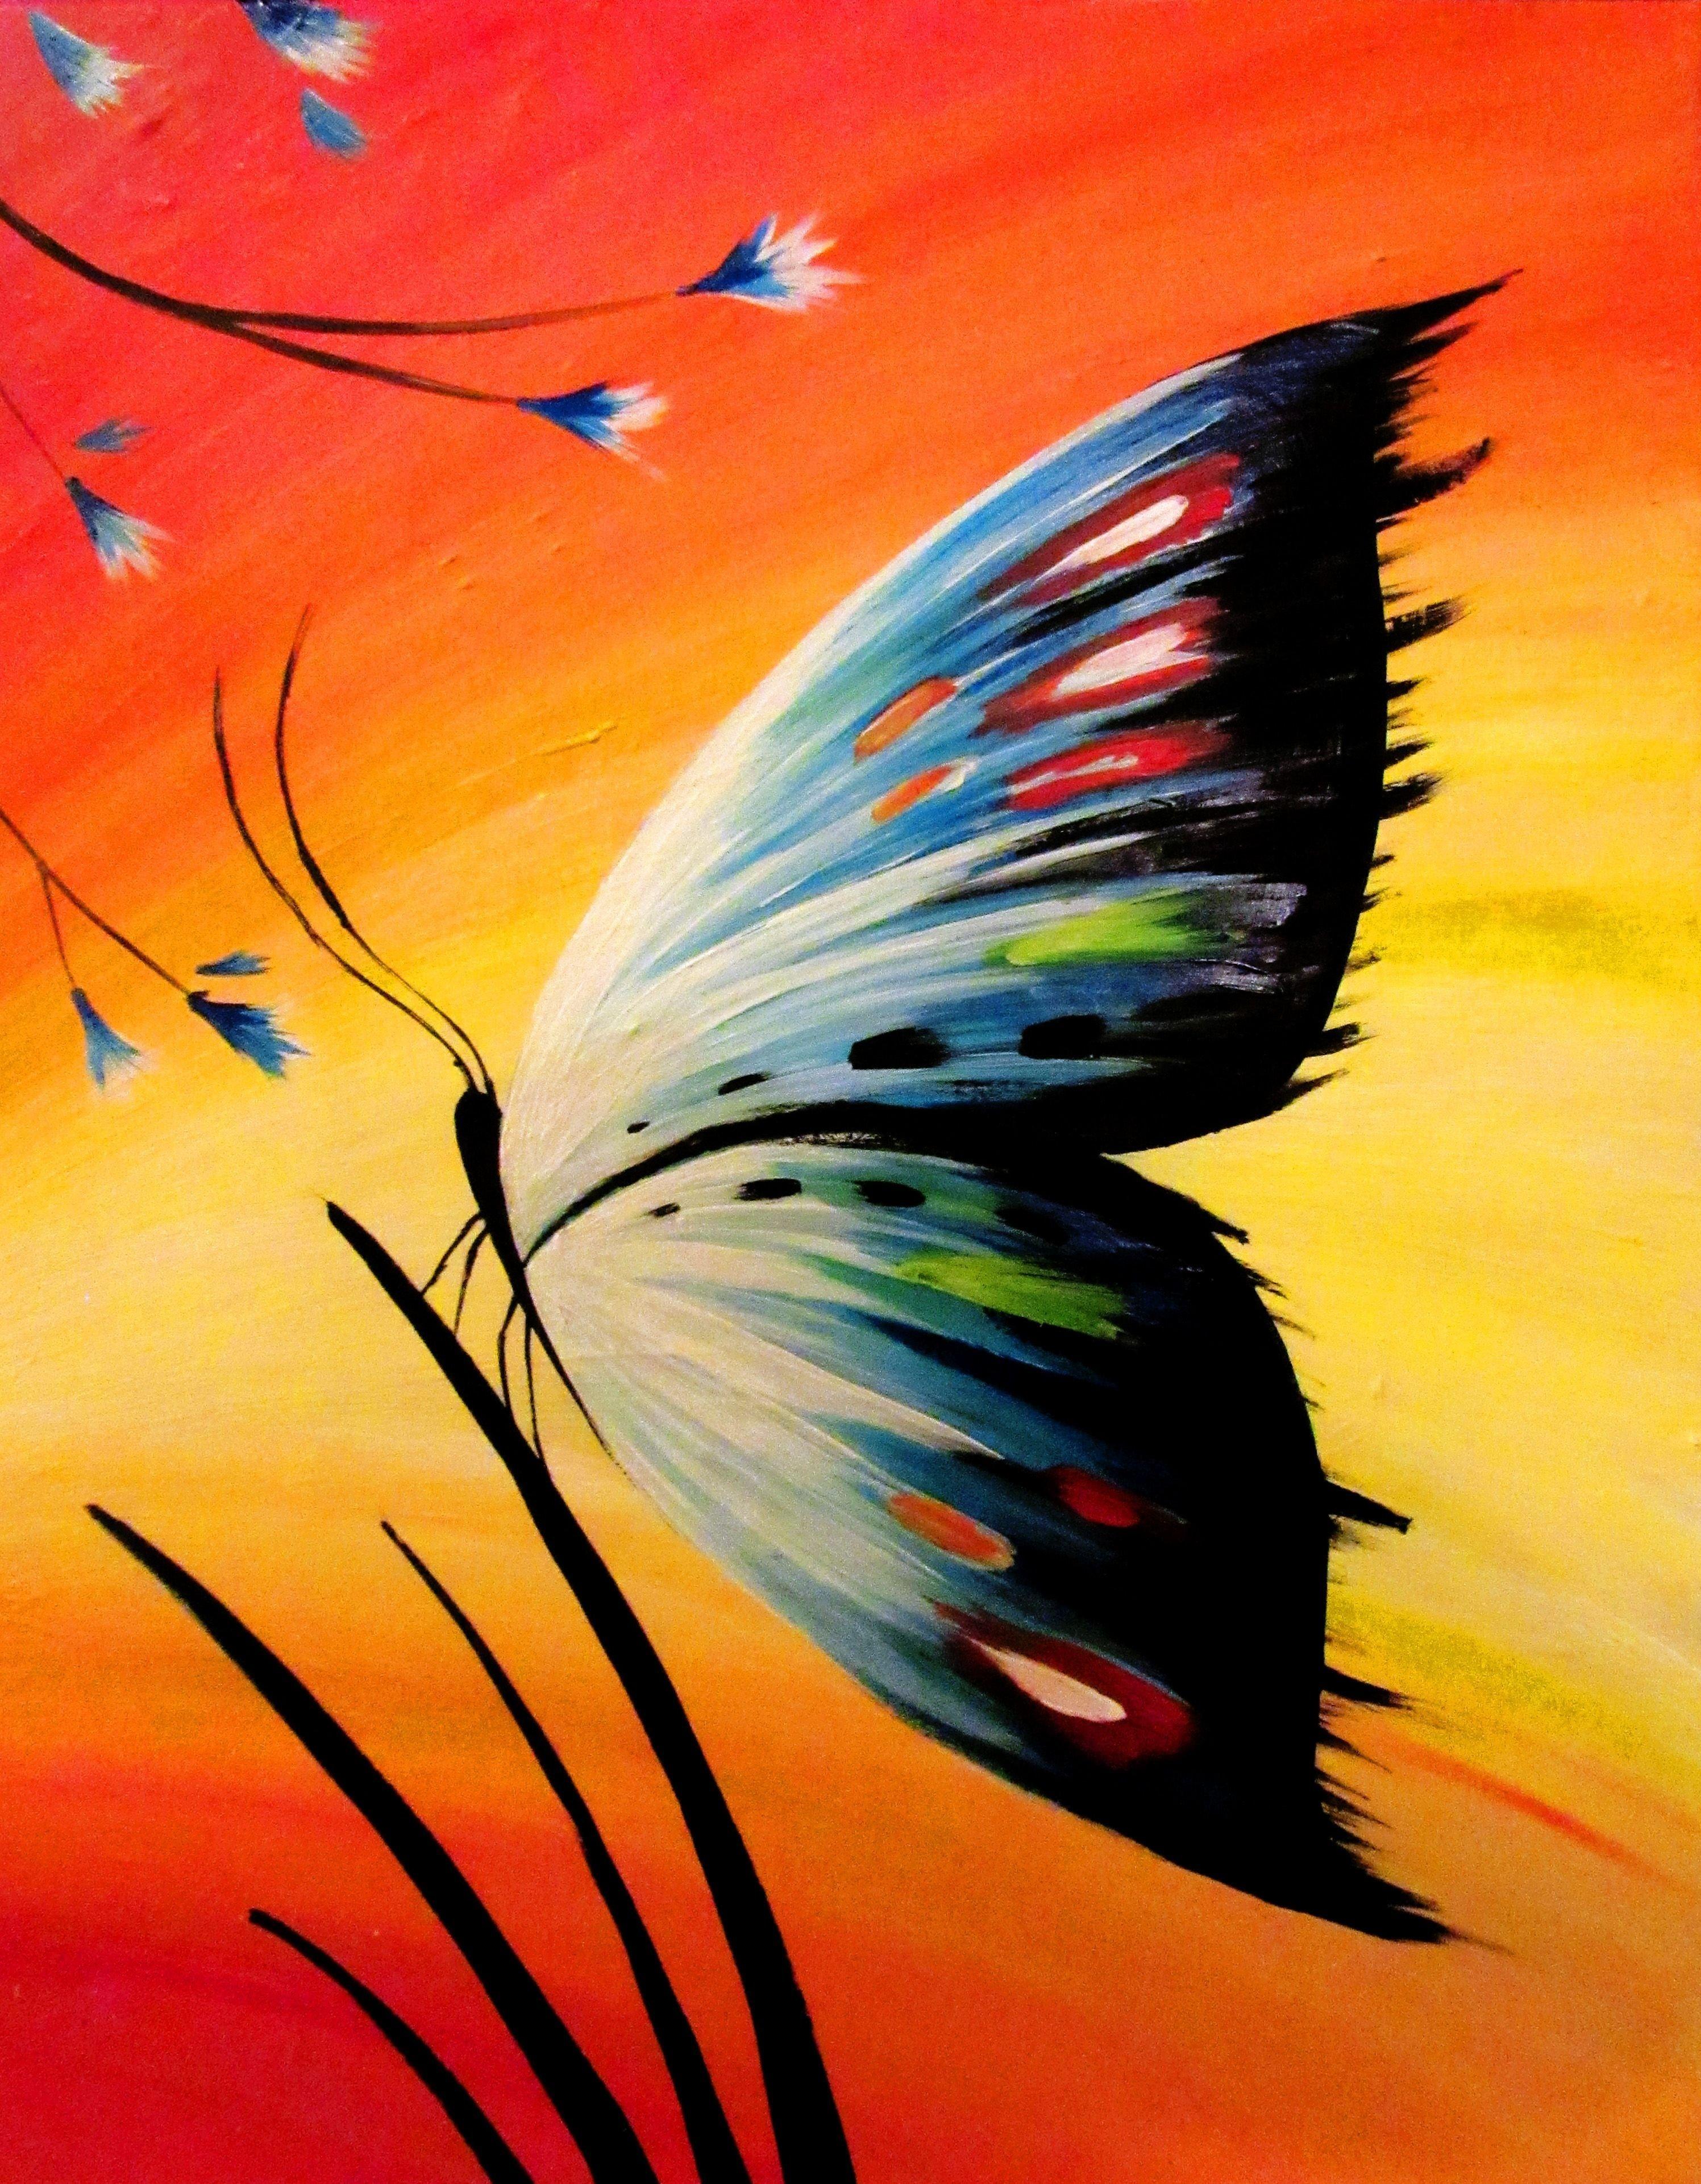 10 Lovable Acrylic Painting On Canvas Ideas e2889a27 simple canvas painting ideas diy easy painting technique de